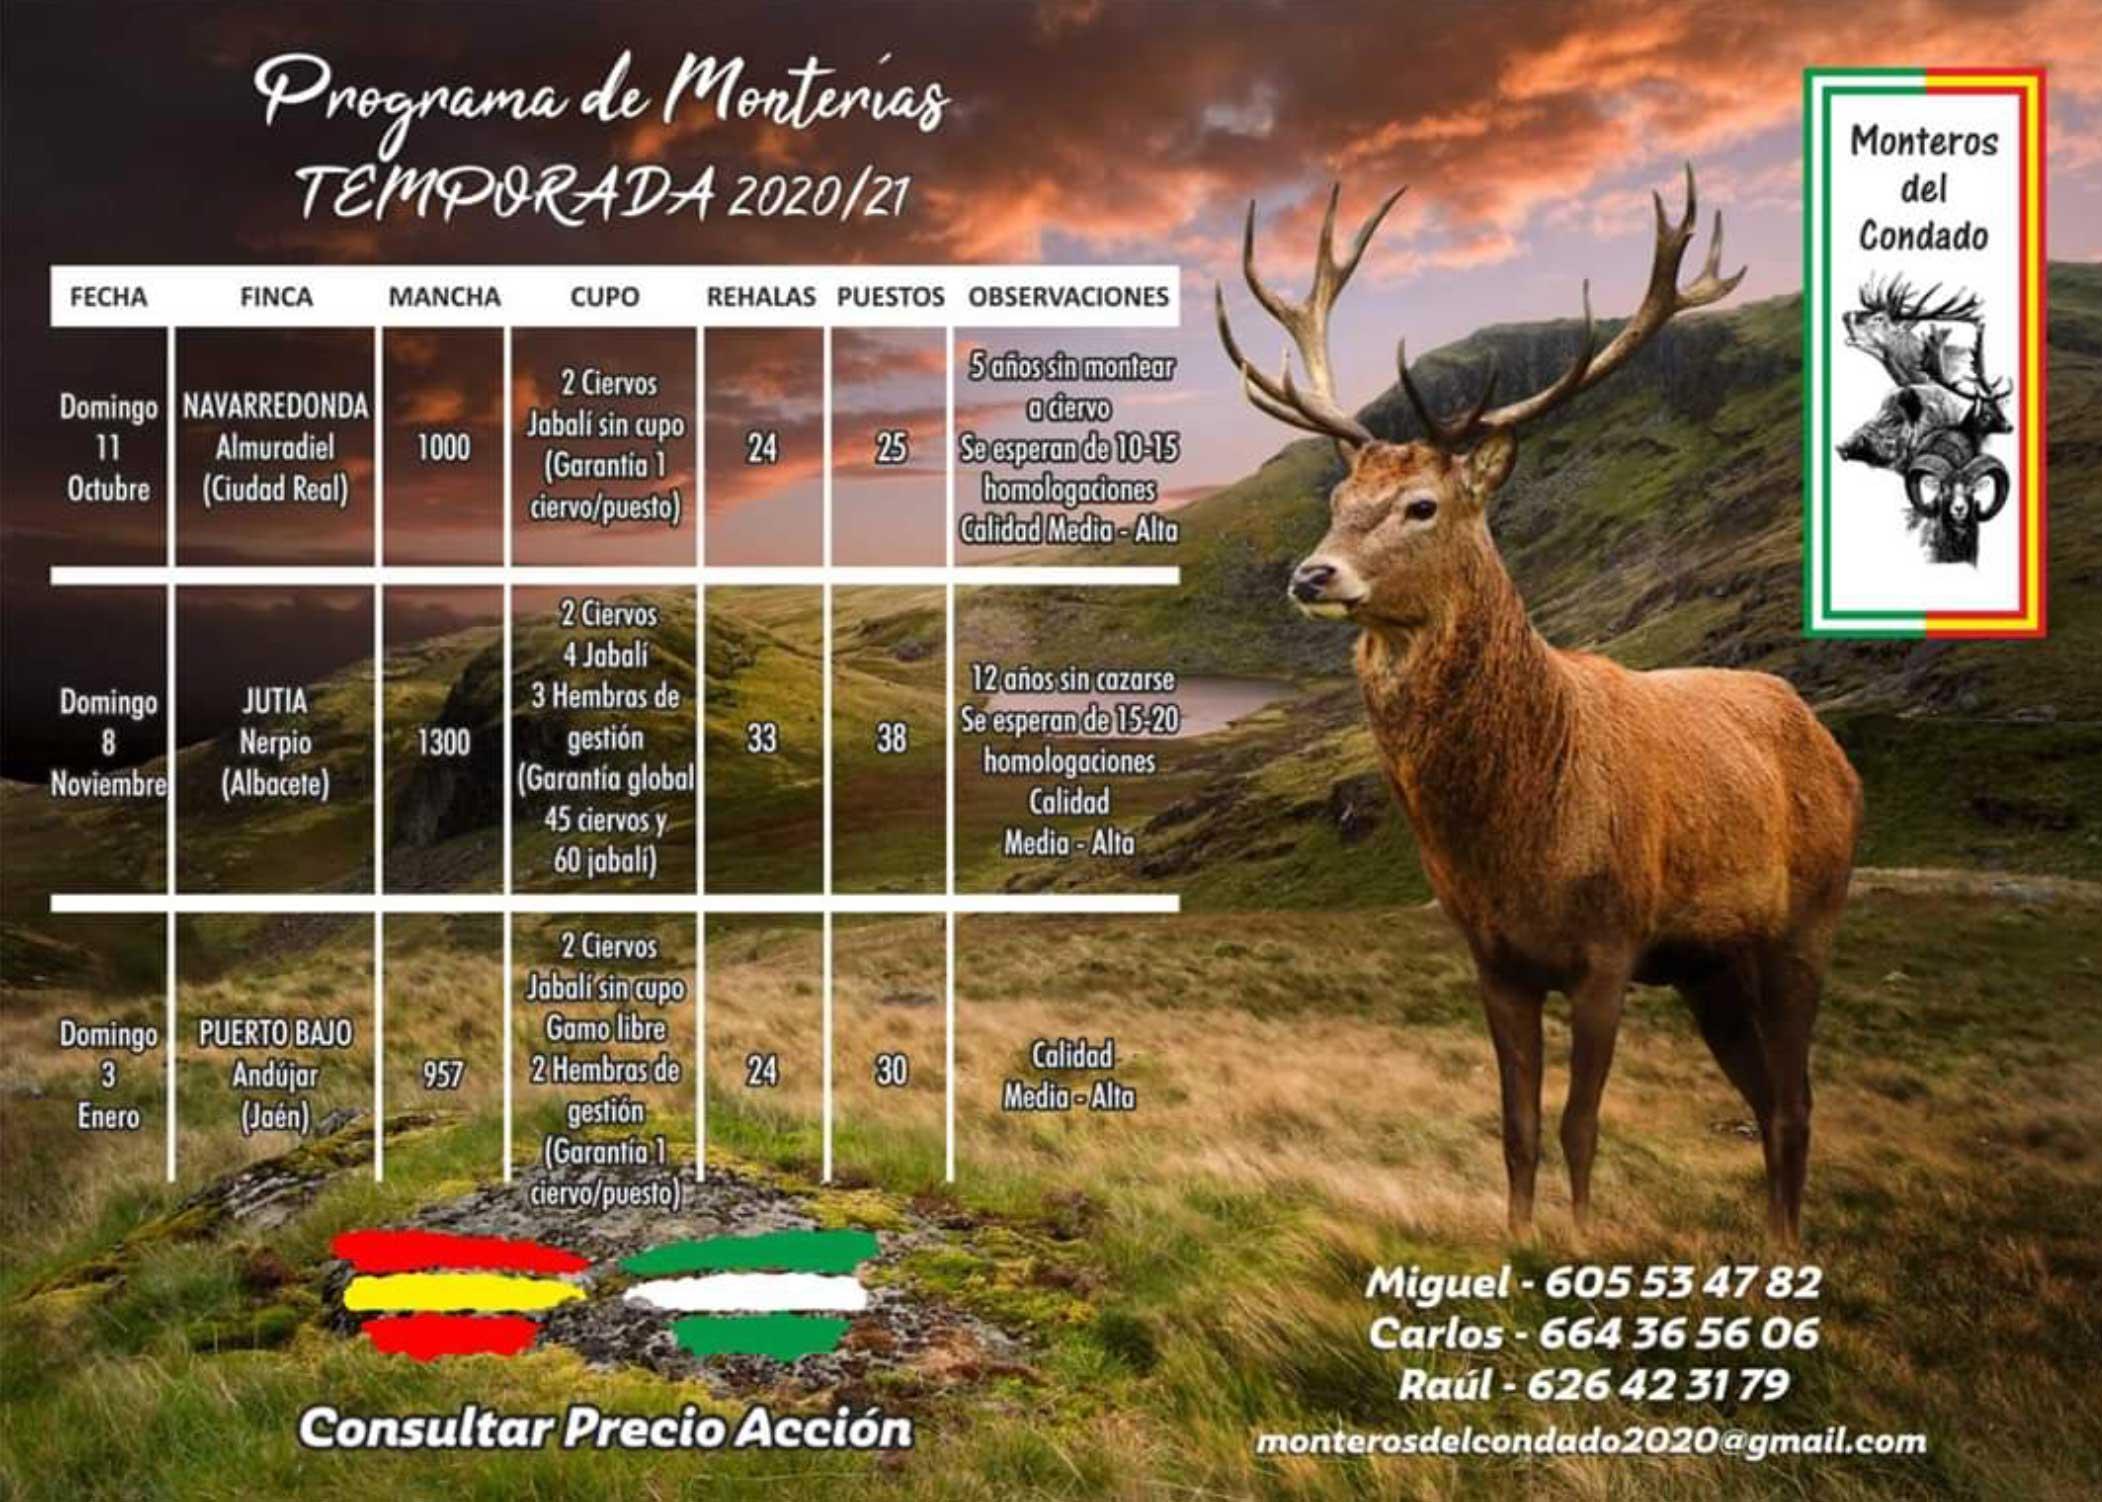 Programa Monterías Monteros del Condado